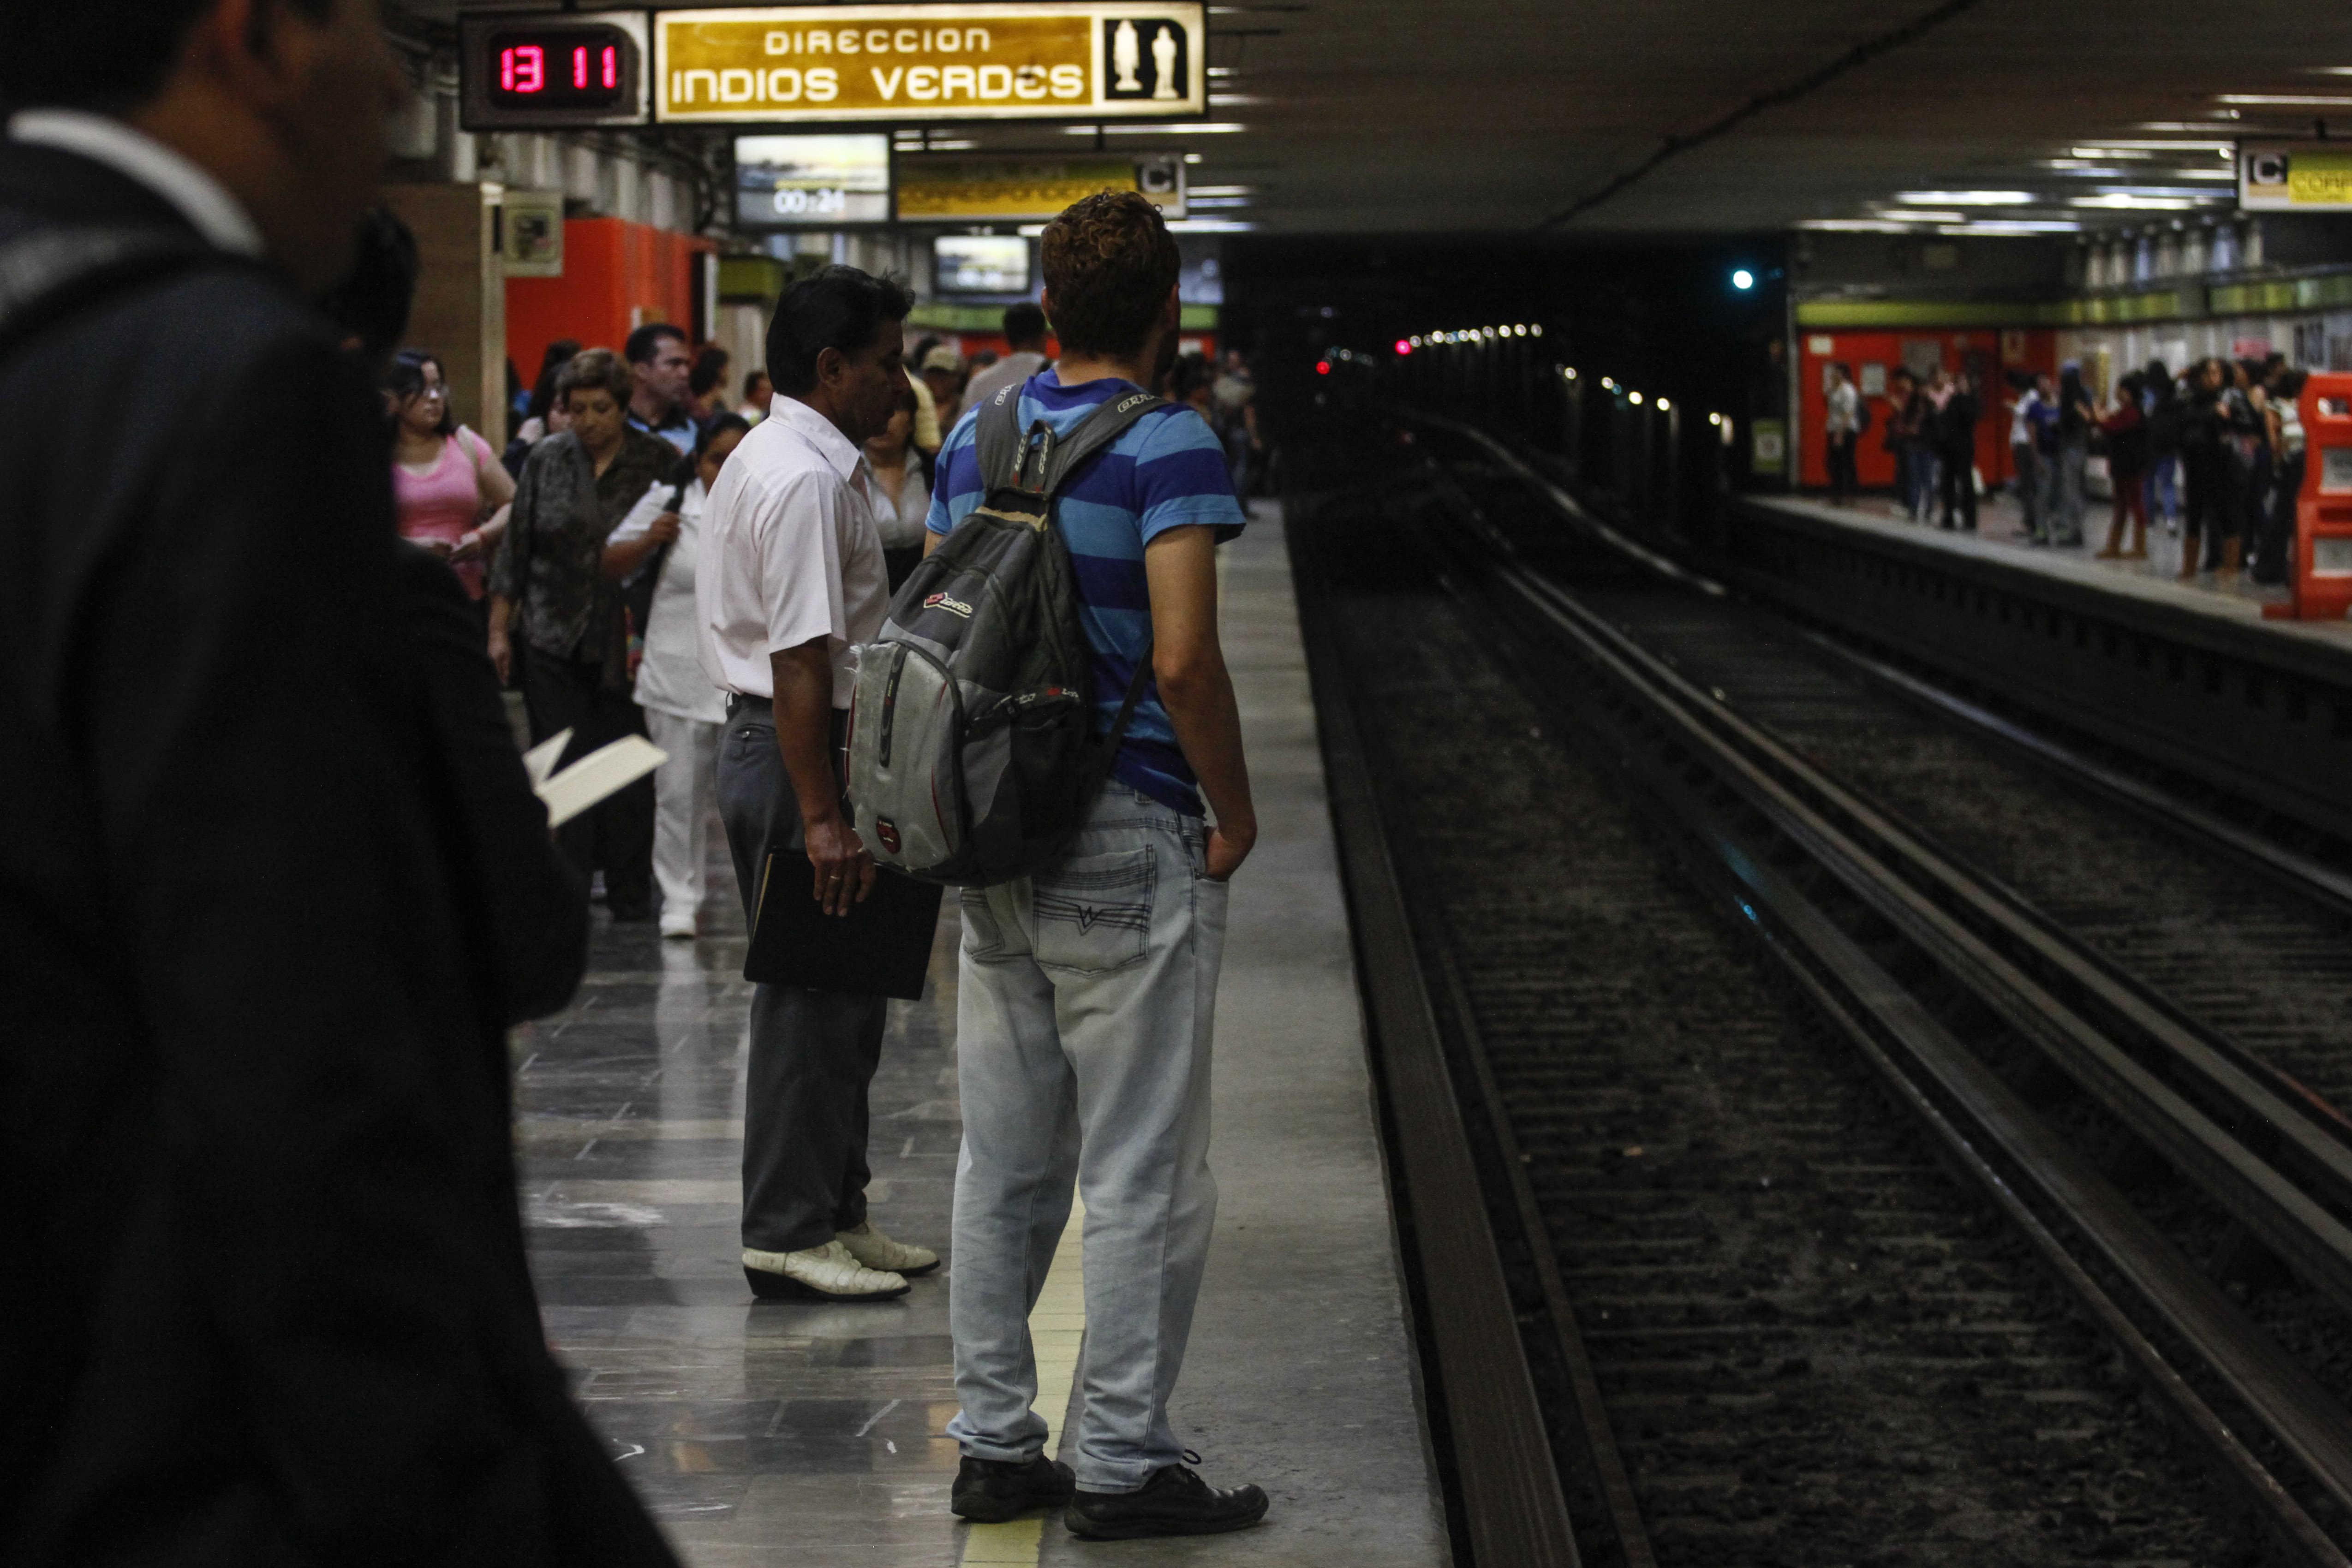 #Video Pánico entre usuarios por falla del Metro